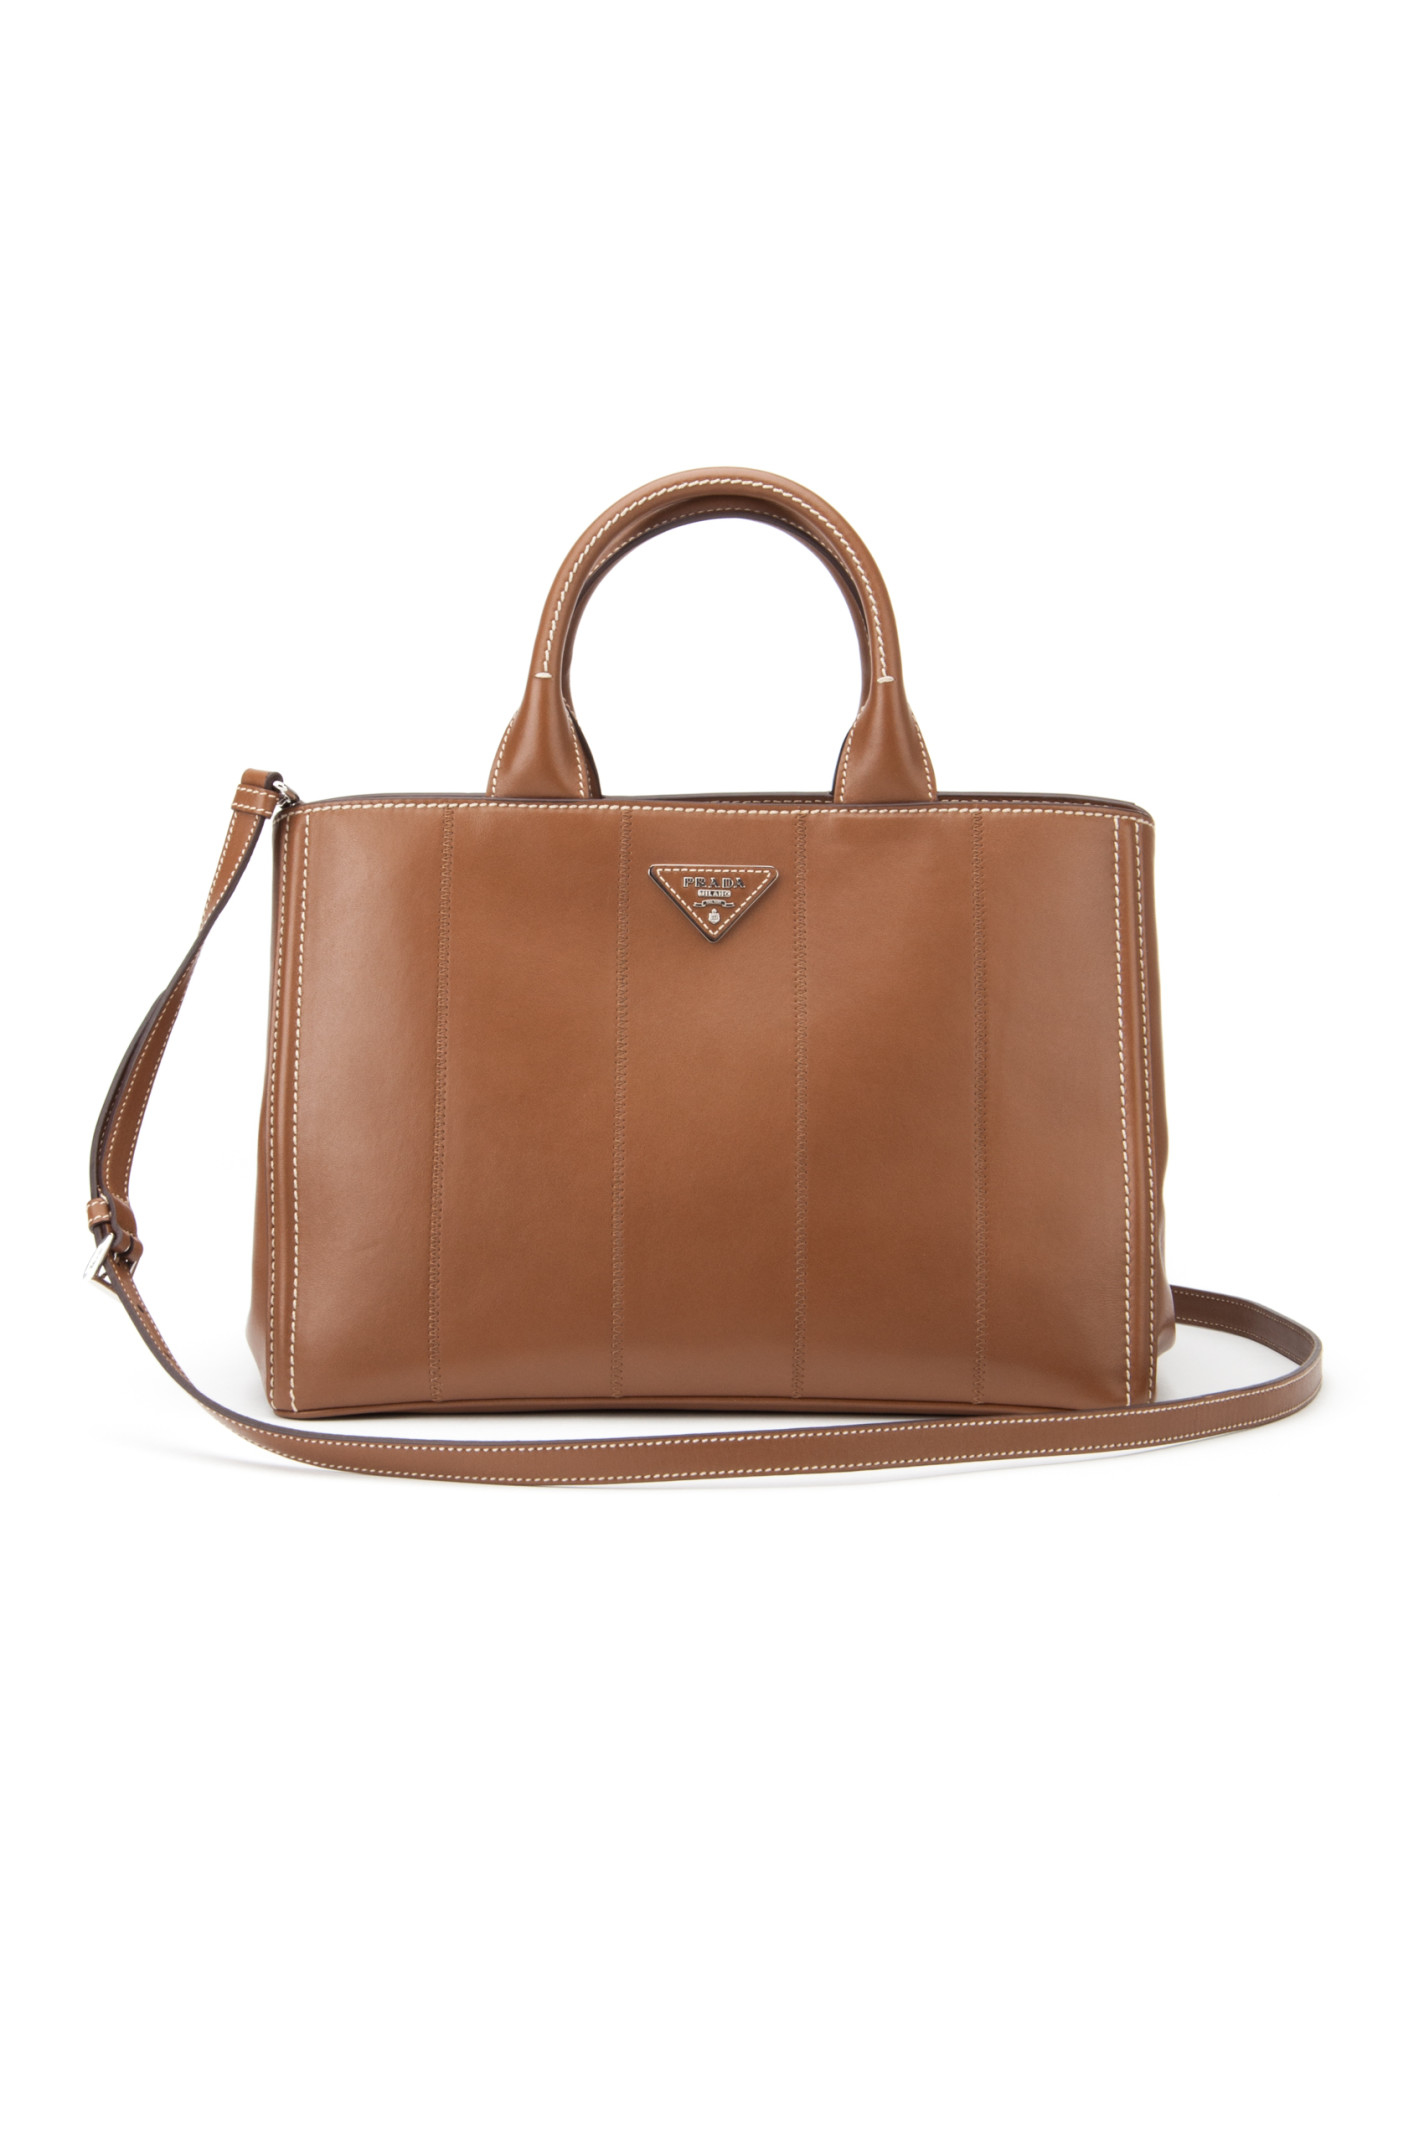 Prada Soft Calf Bag in Brown (CANNELLA) | Lyst